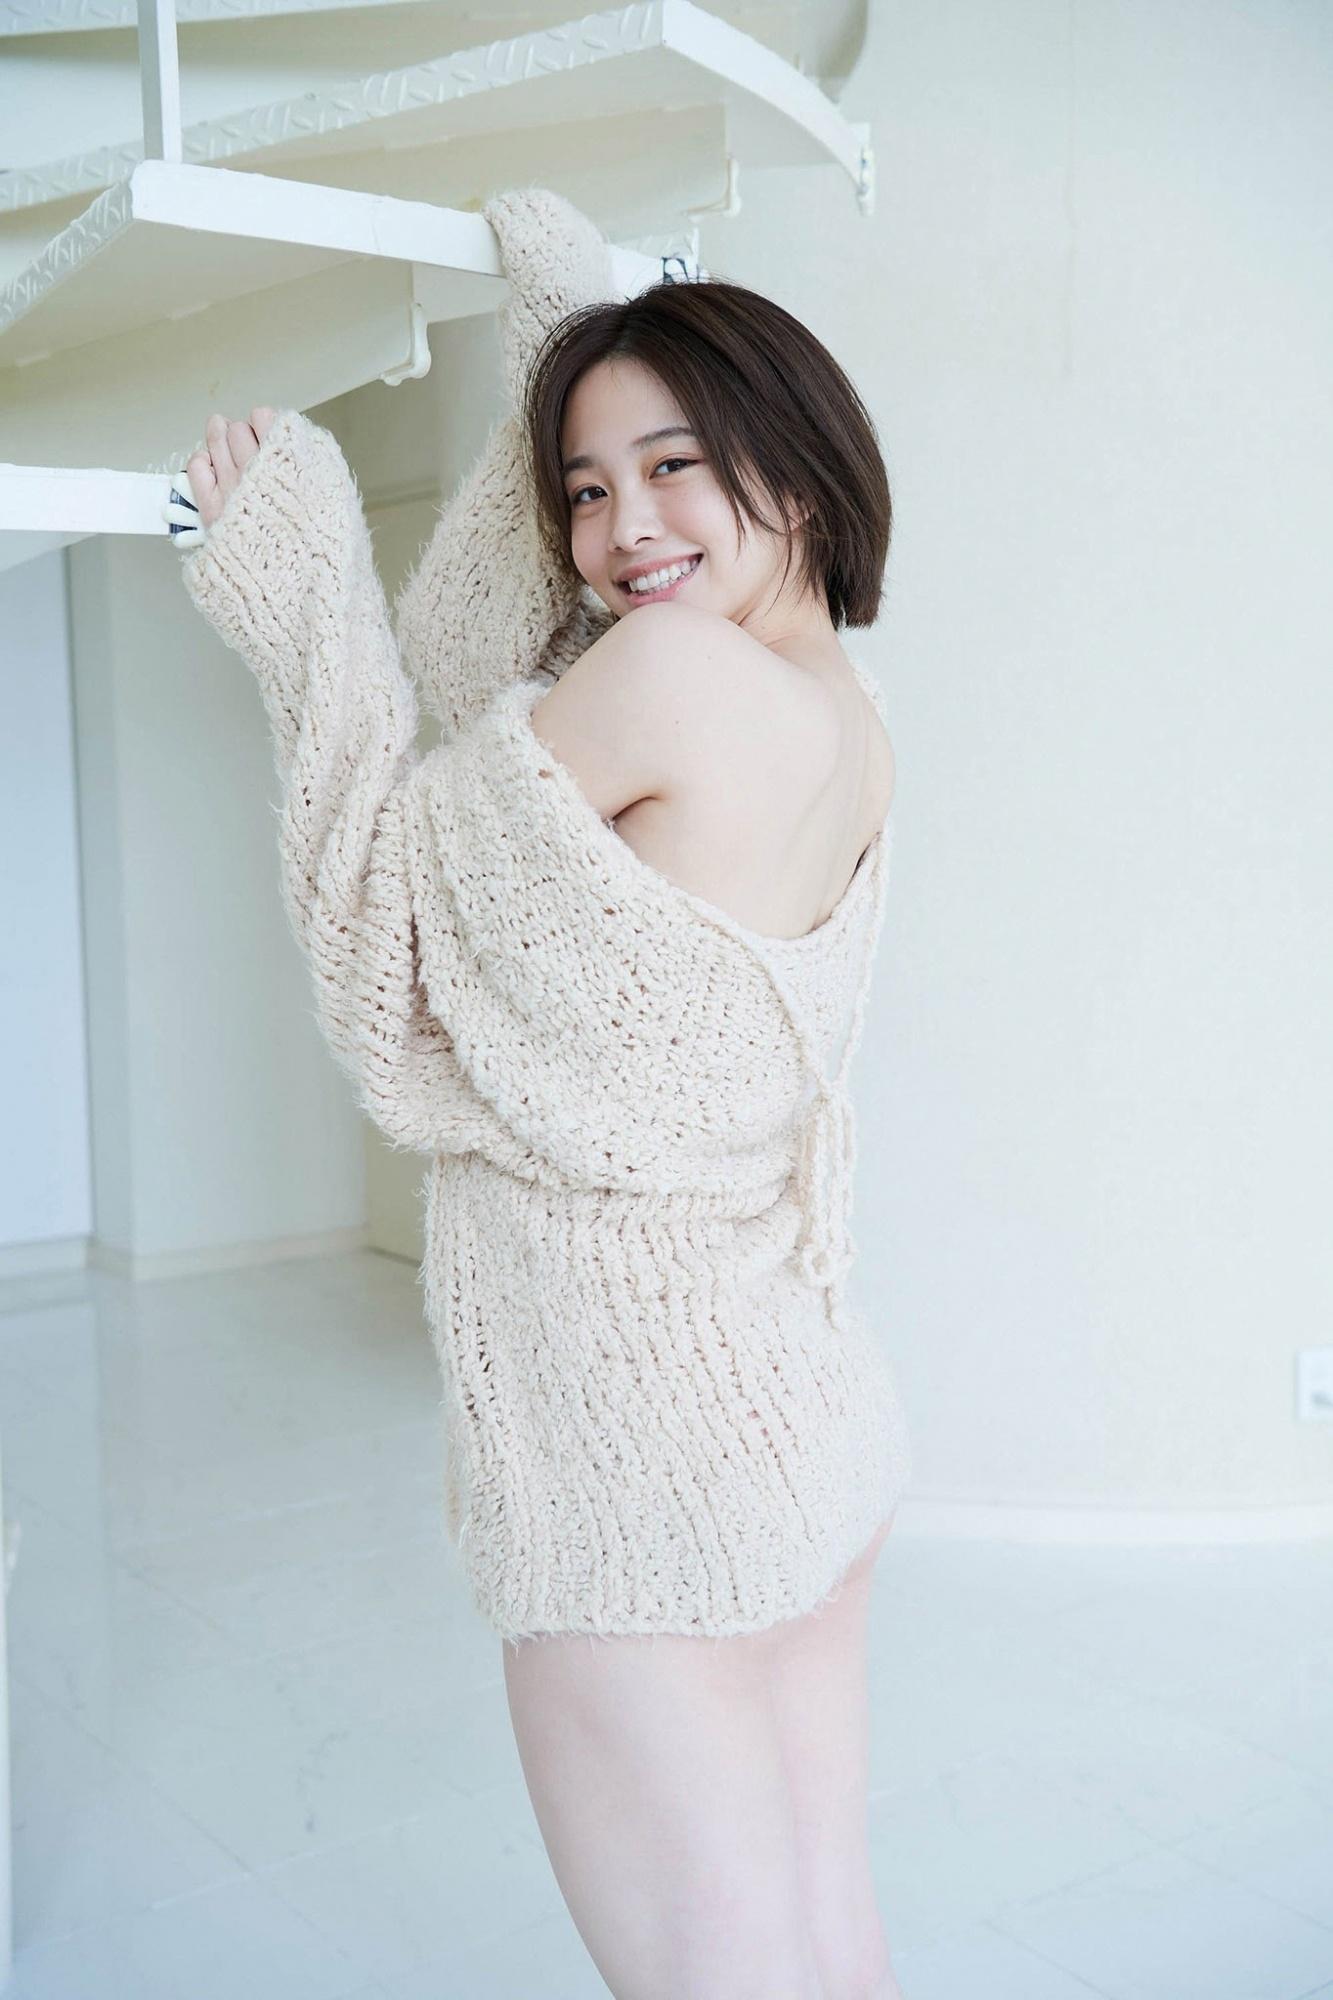 甜甜一笑,心情转好18岁妹新田步凪比基尼解放纤腰、事业线 养眼图片 第5张